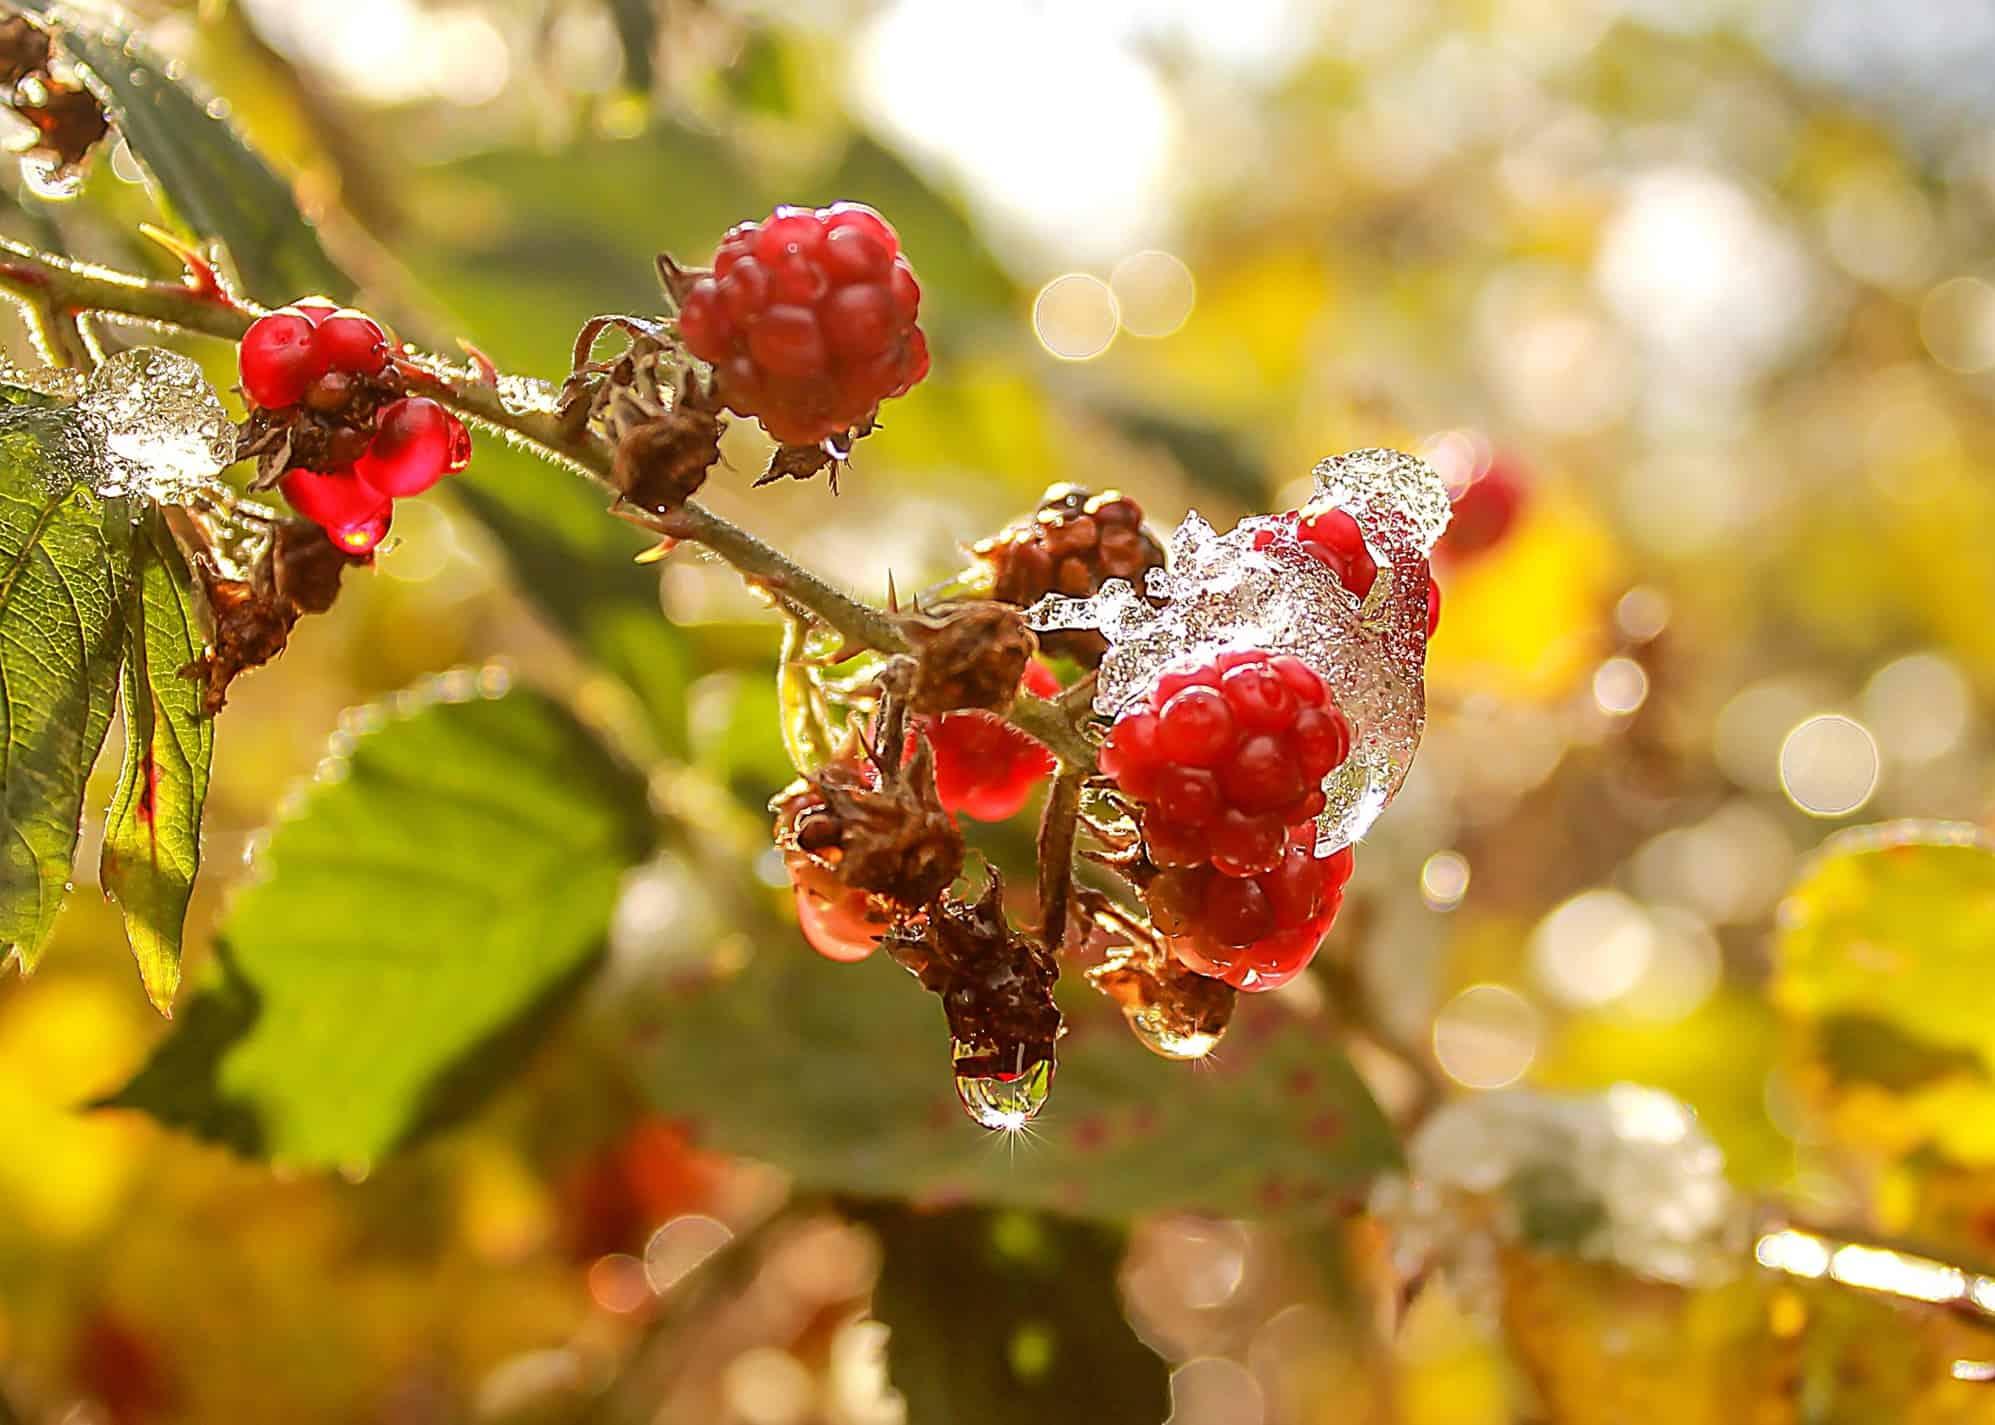 Image libre fruit branche arbre macro rouge berry - Arbre feuille rouge fruit rouge ...